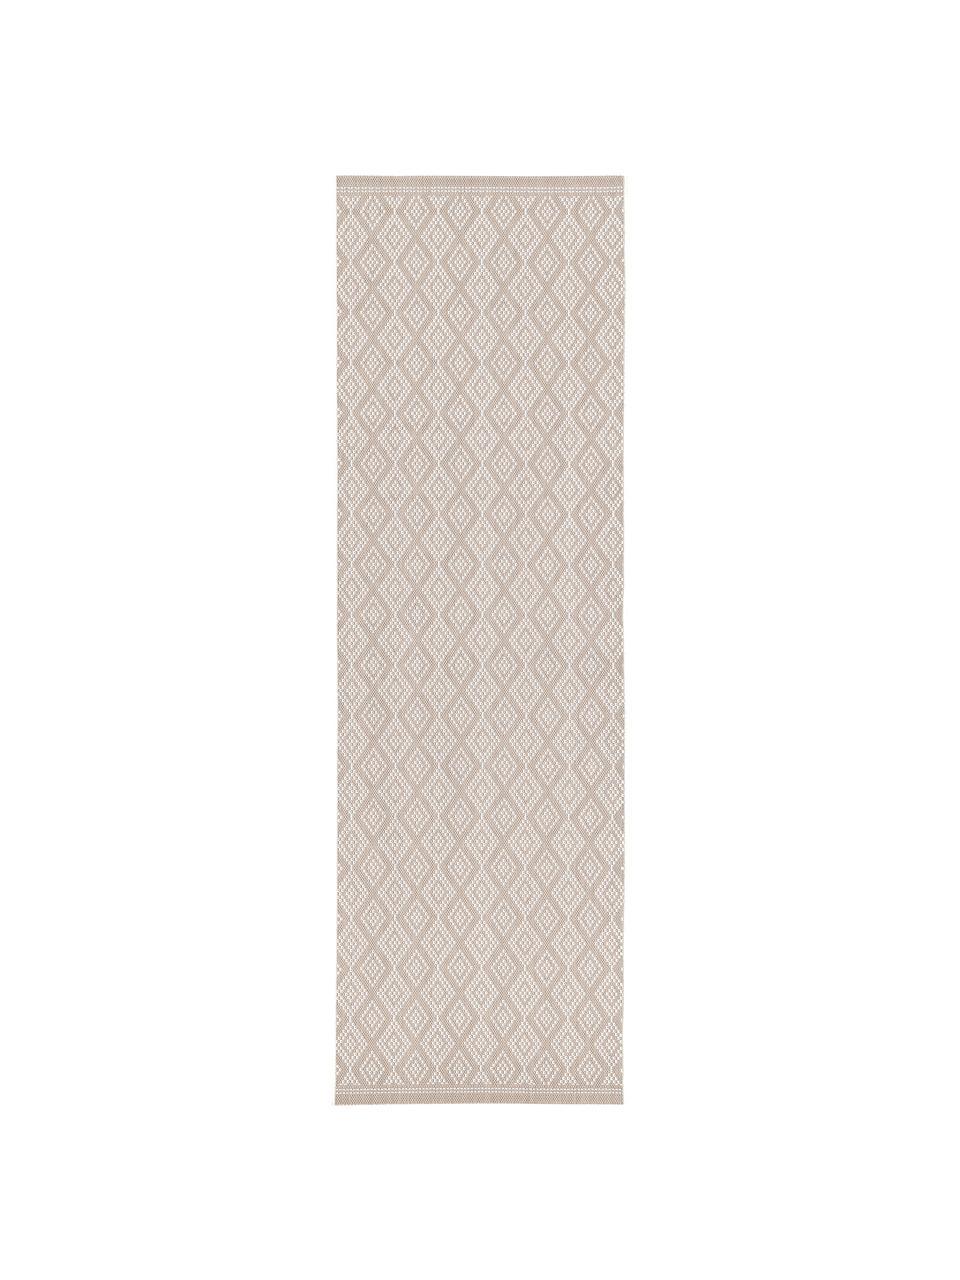 In- & Outdoor-Läufer Capri in Beige/Creme, Flor: 100% Polypropylen, Cremeweiß, Beige, 80 x 250 cm